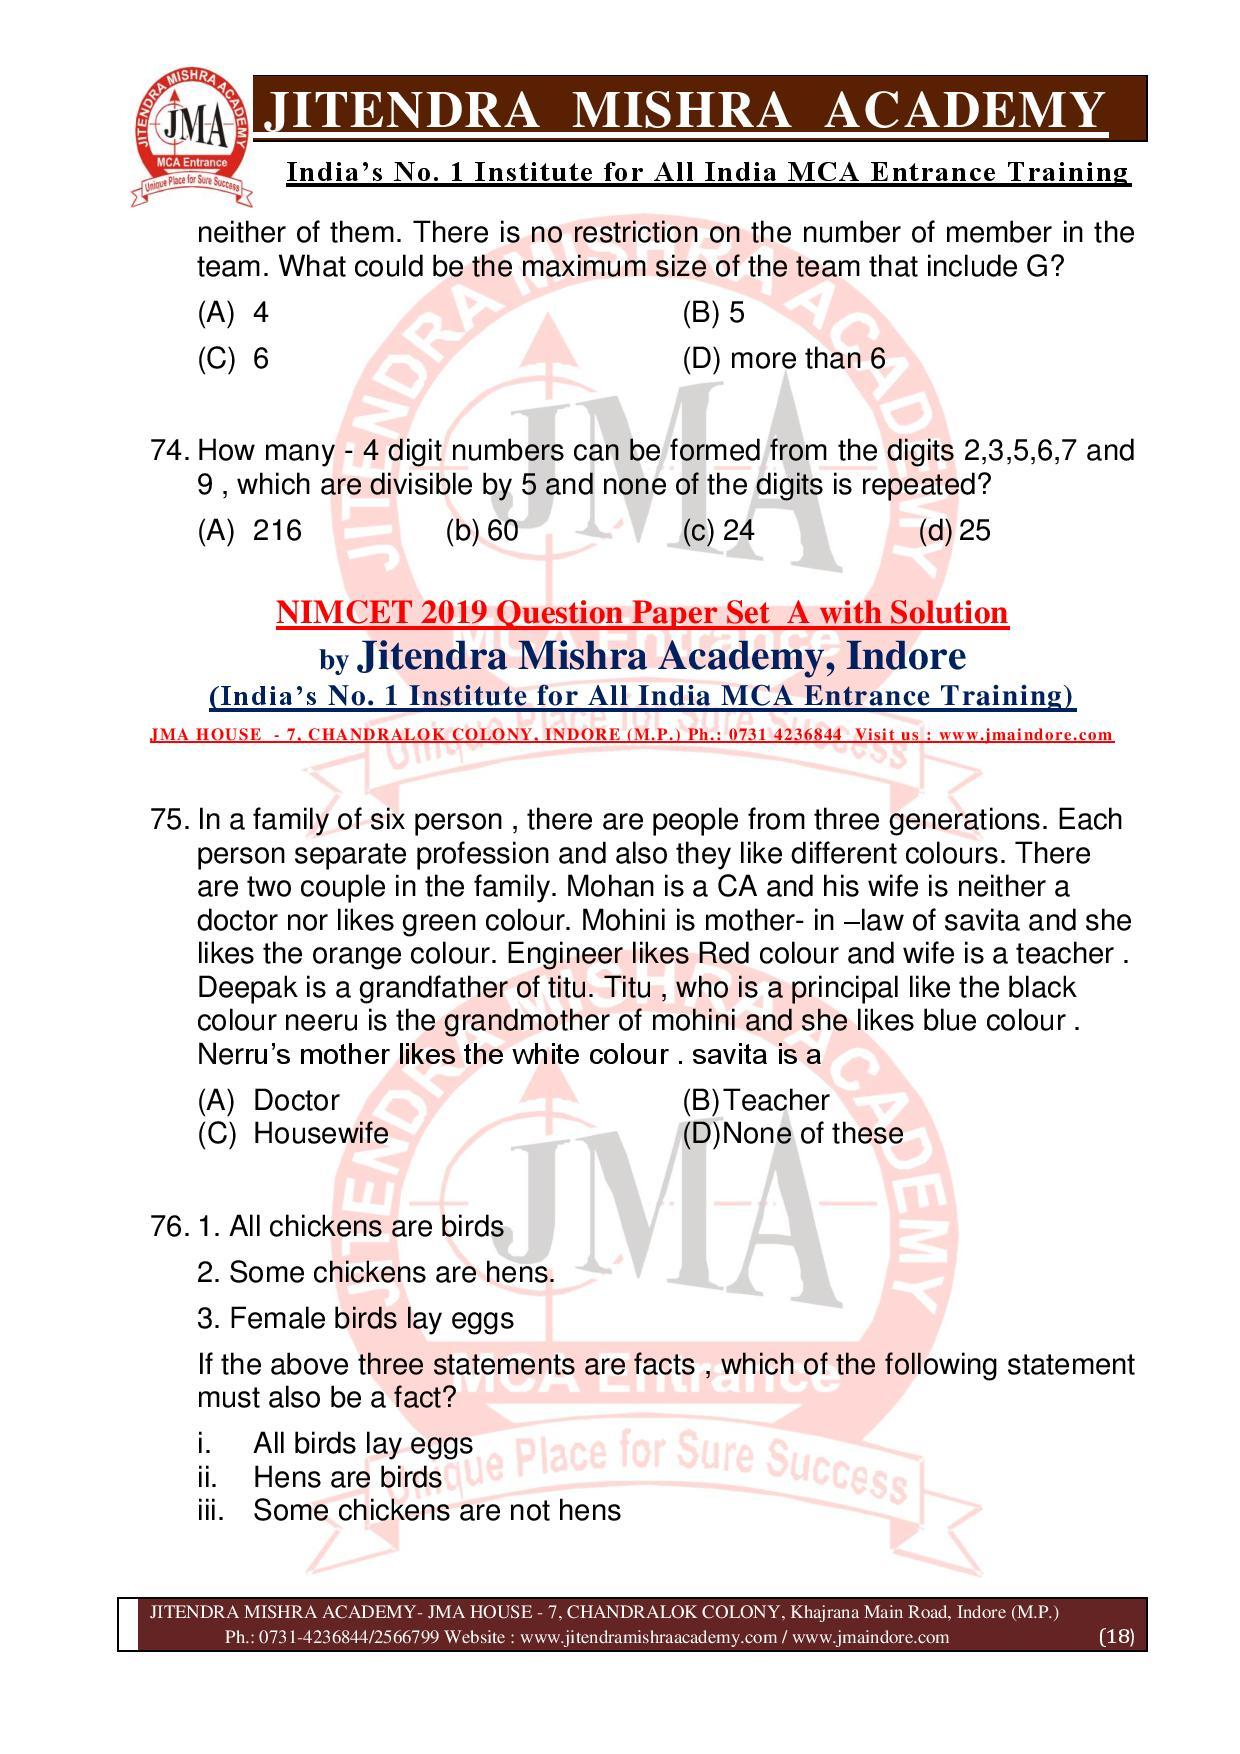 NIMCET 2019 QUESTION PAPER (SET - A) final-page-018